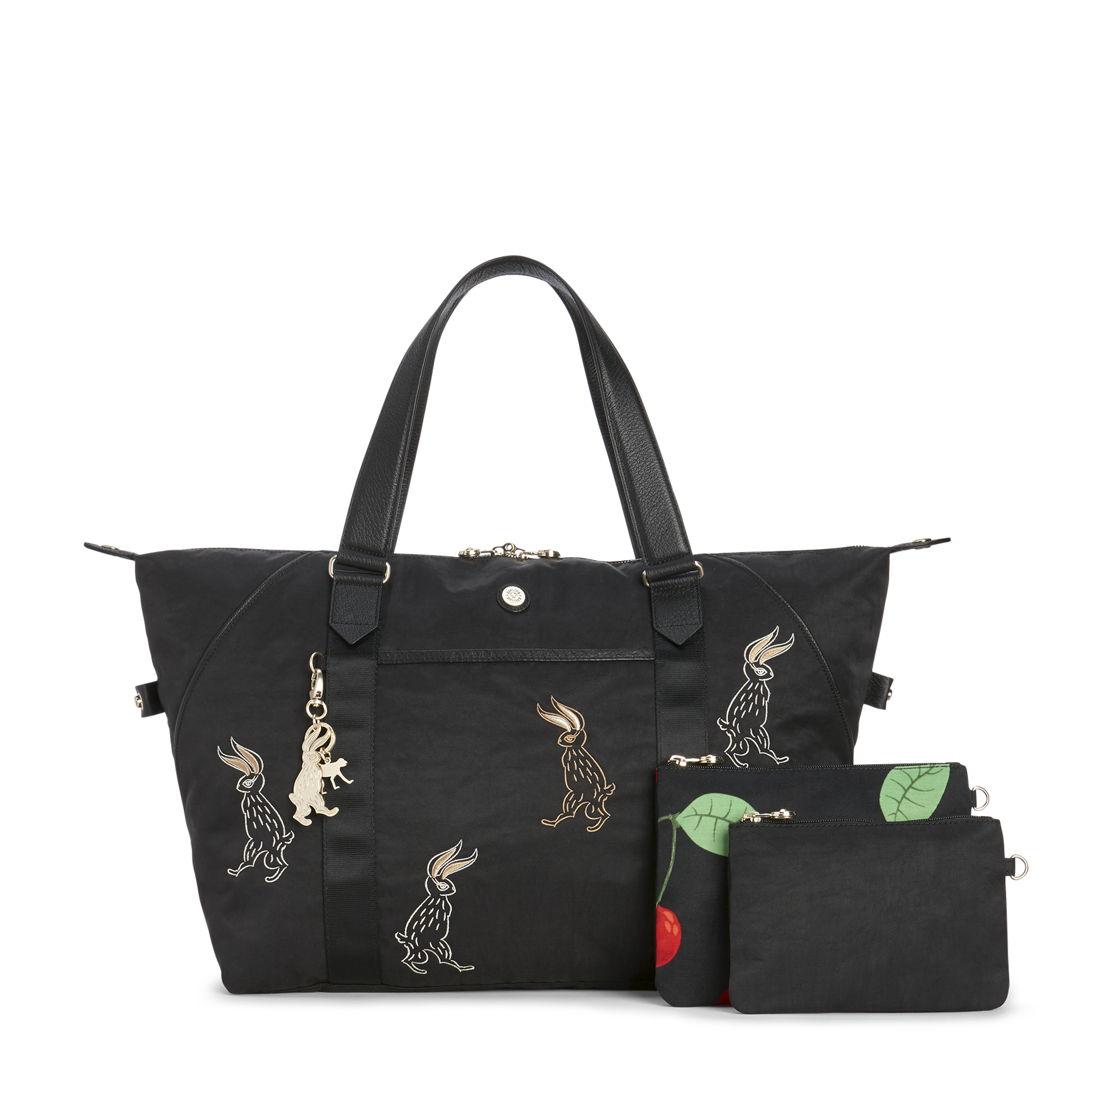 ART M Helen Lee Bunny - 219.90€